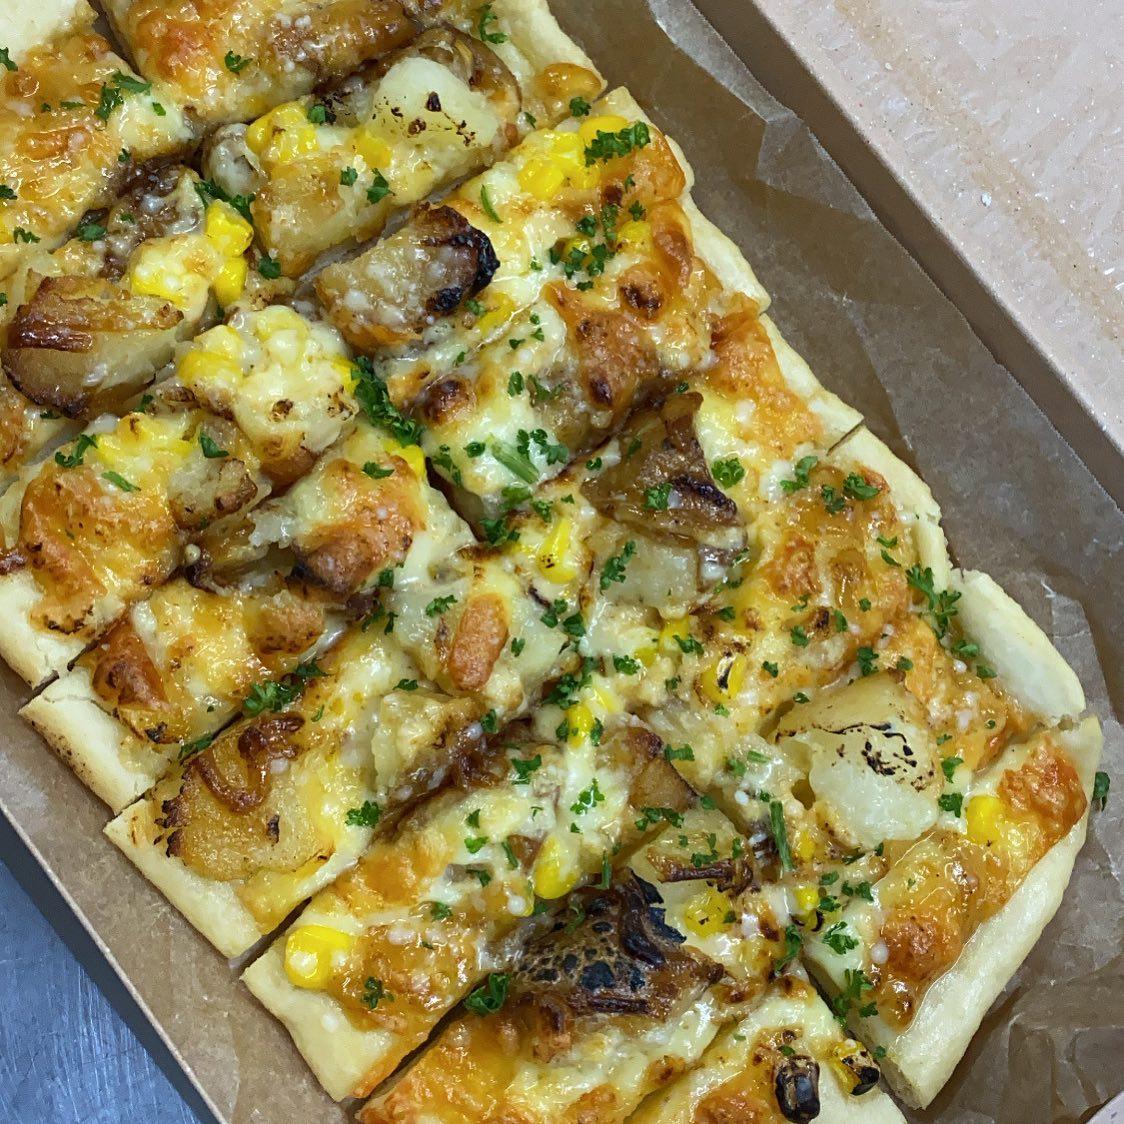 なっぱ畑のピザは、 こんな感じで食べやすい∩^ω^∩ おやつにどうですか? ハァ〜イ!!